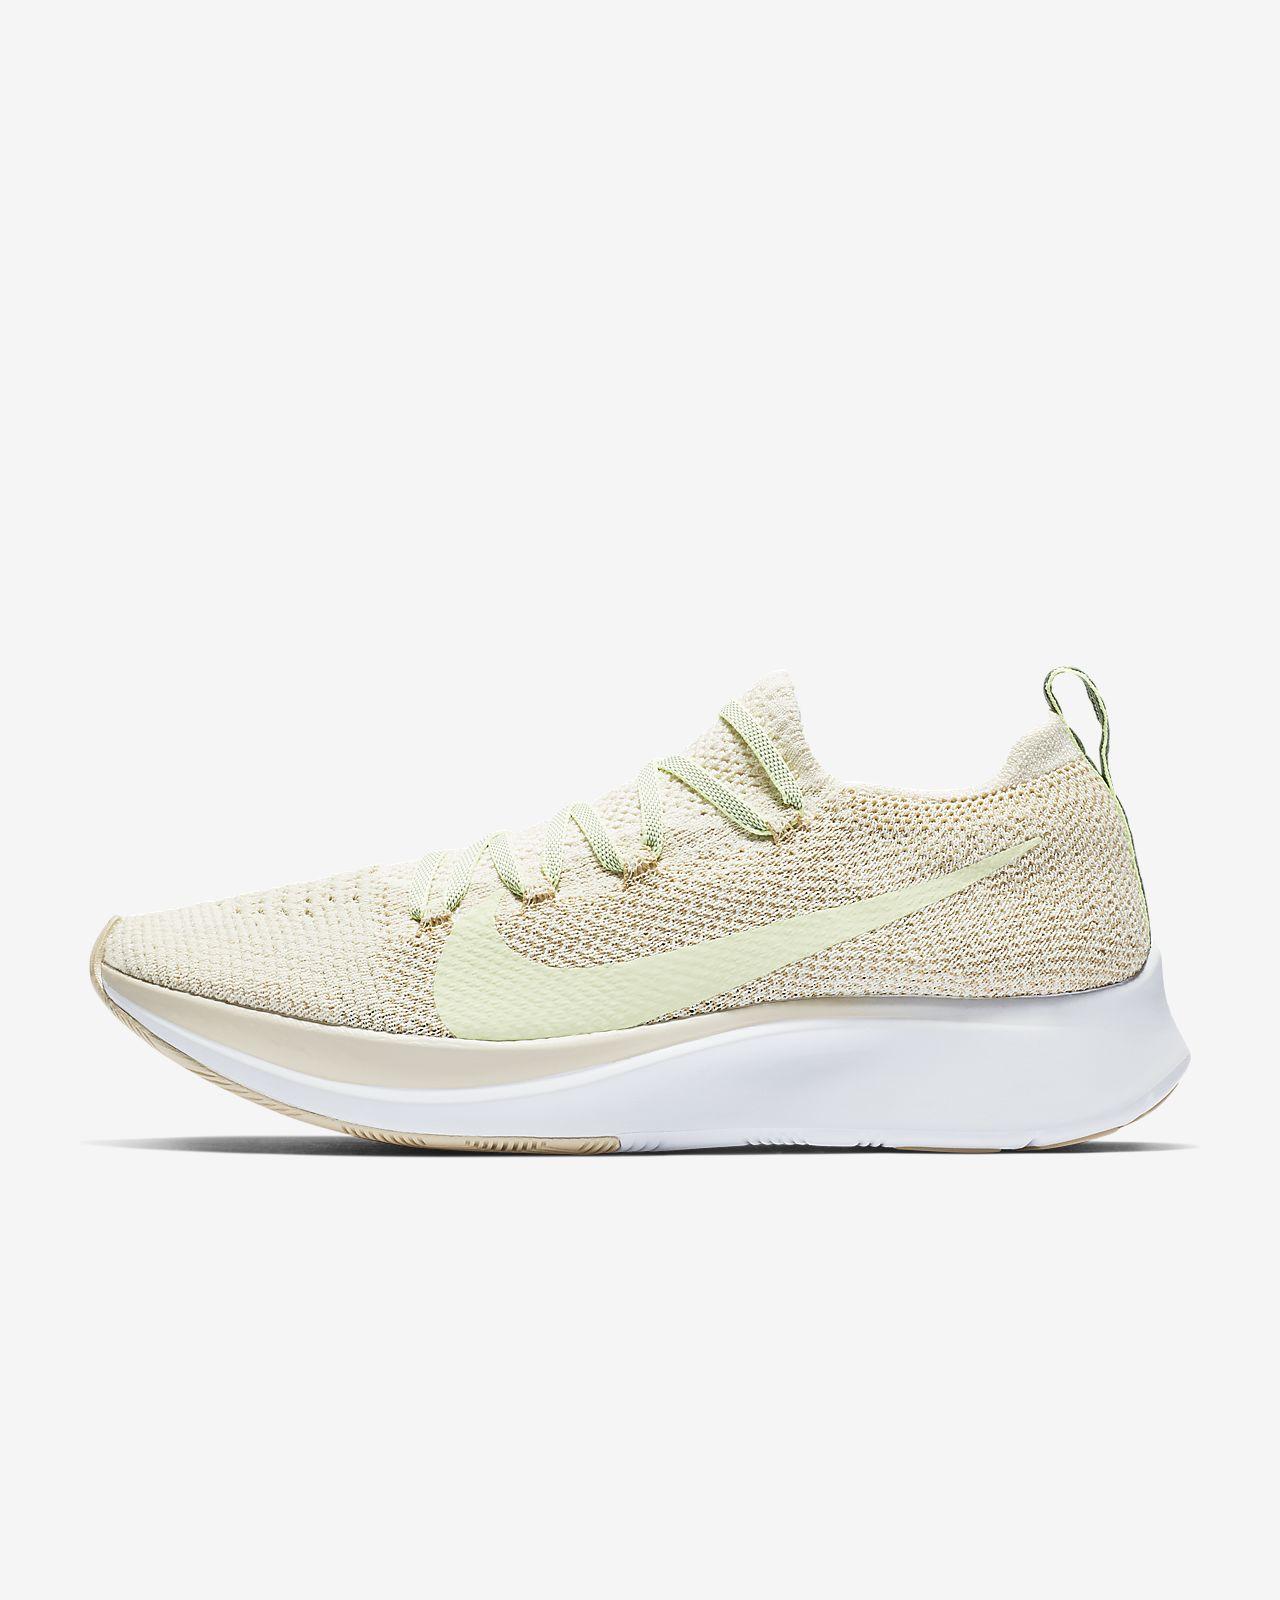 Γυναικείο παπούτσι για τρέξιμο Nike Zoom Fly Flyknit